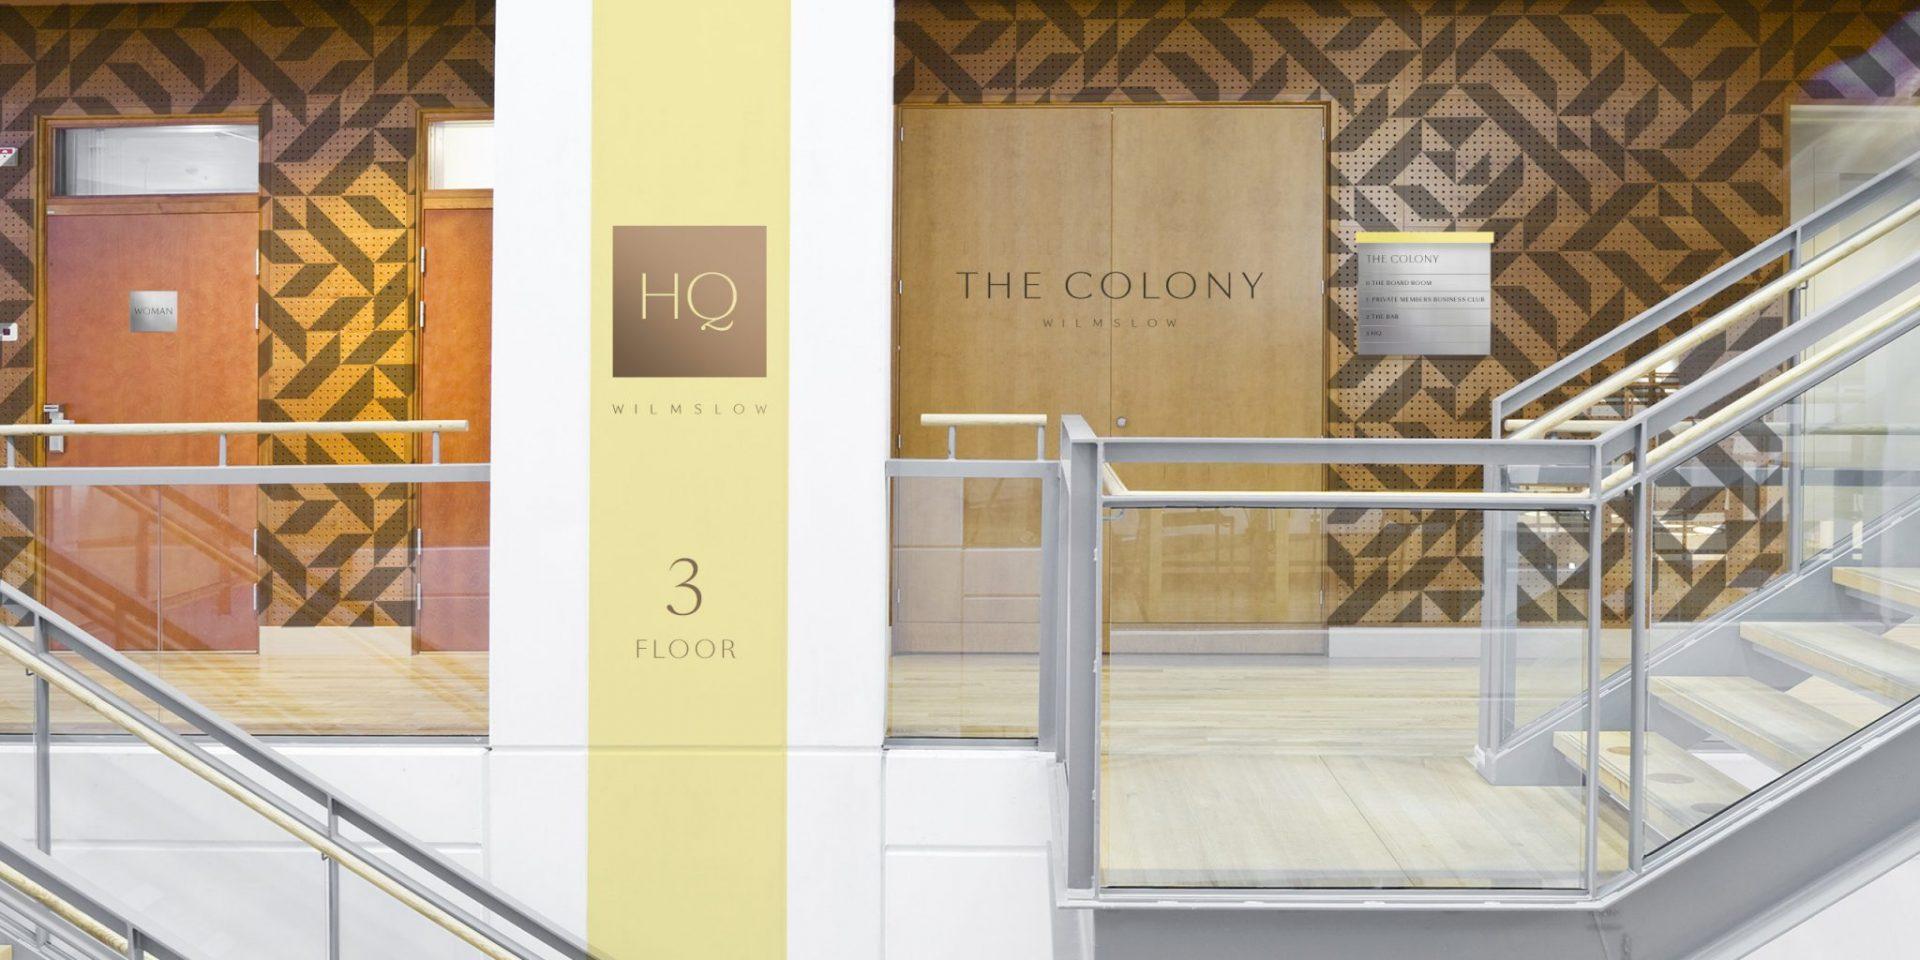 The-Colony-interior-2